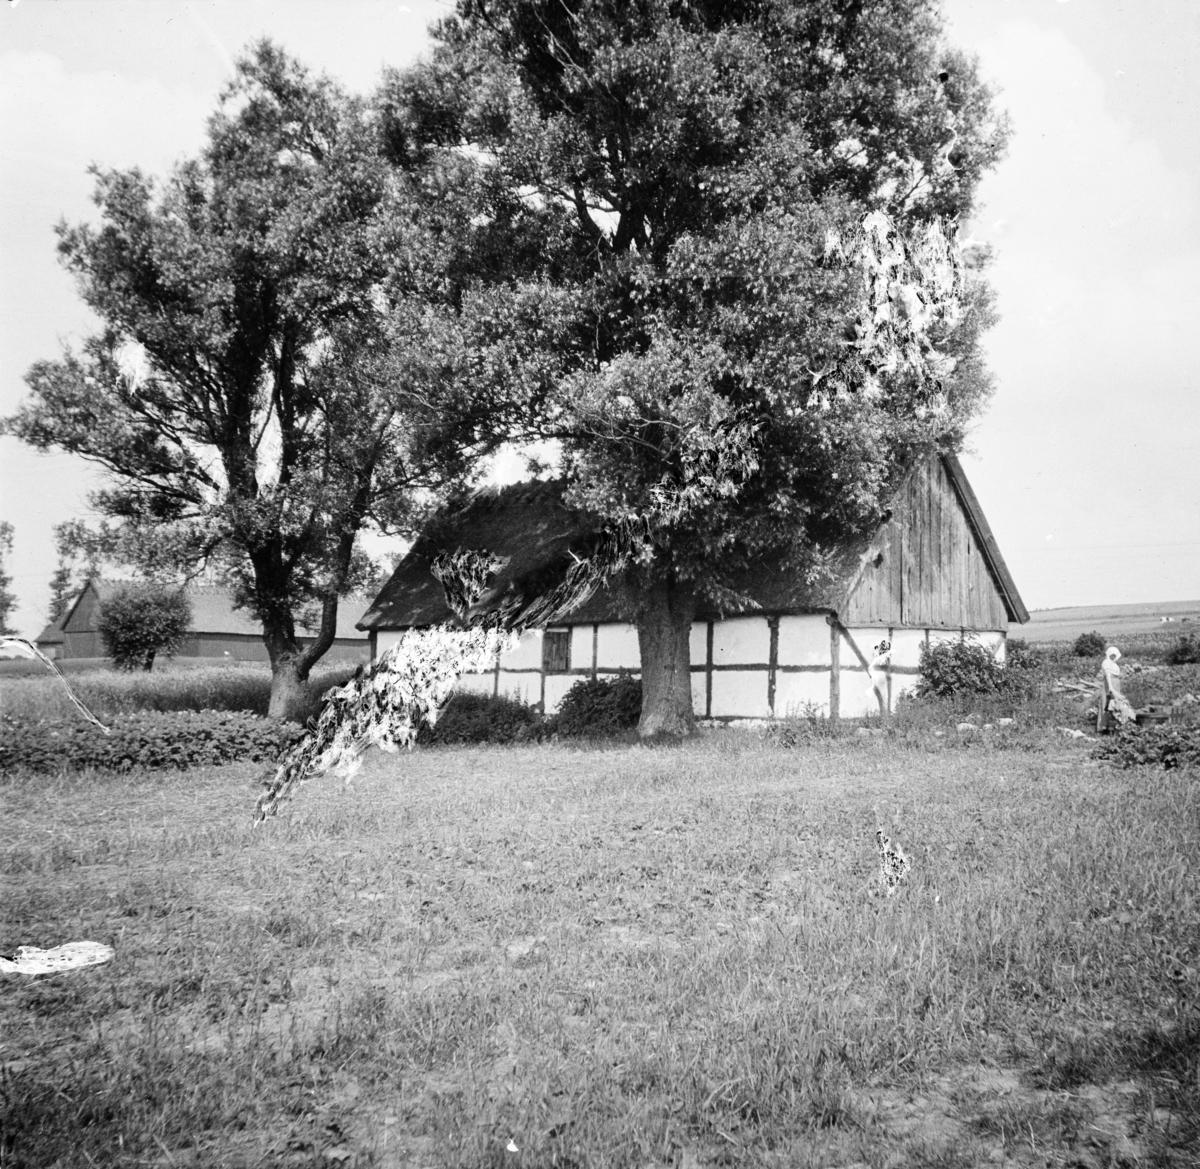 Glumslöv, Skåne Exteriör Svensk arkitektur: kyrkor, herrgårdar med ...